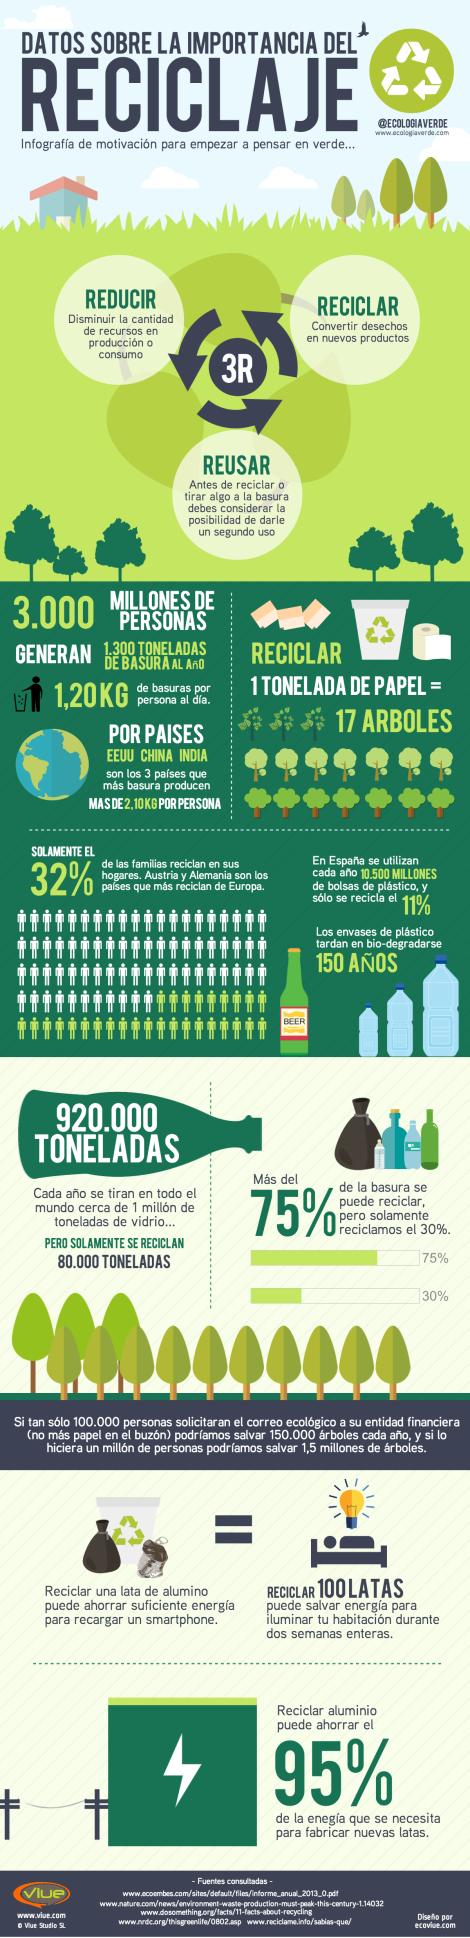 datos-reciclaje-ecologiaverde